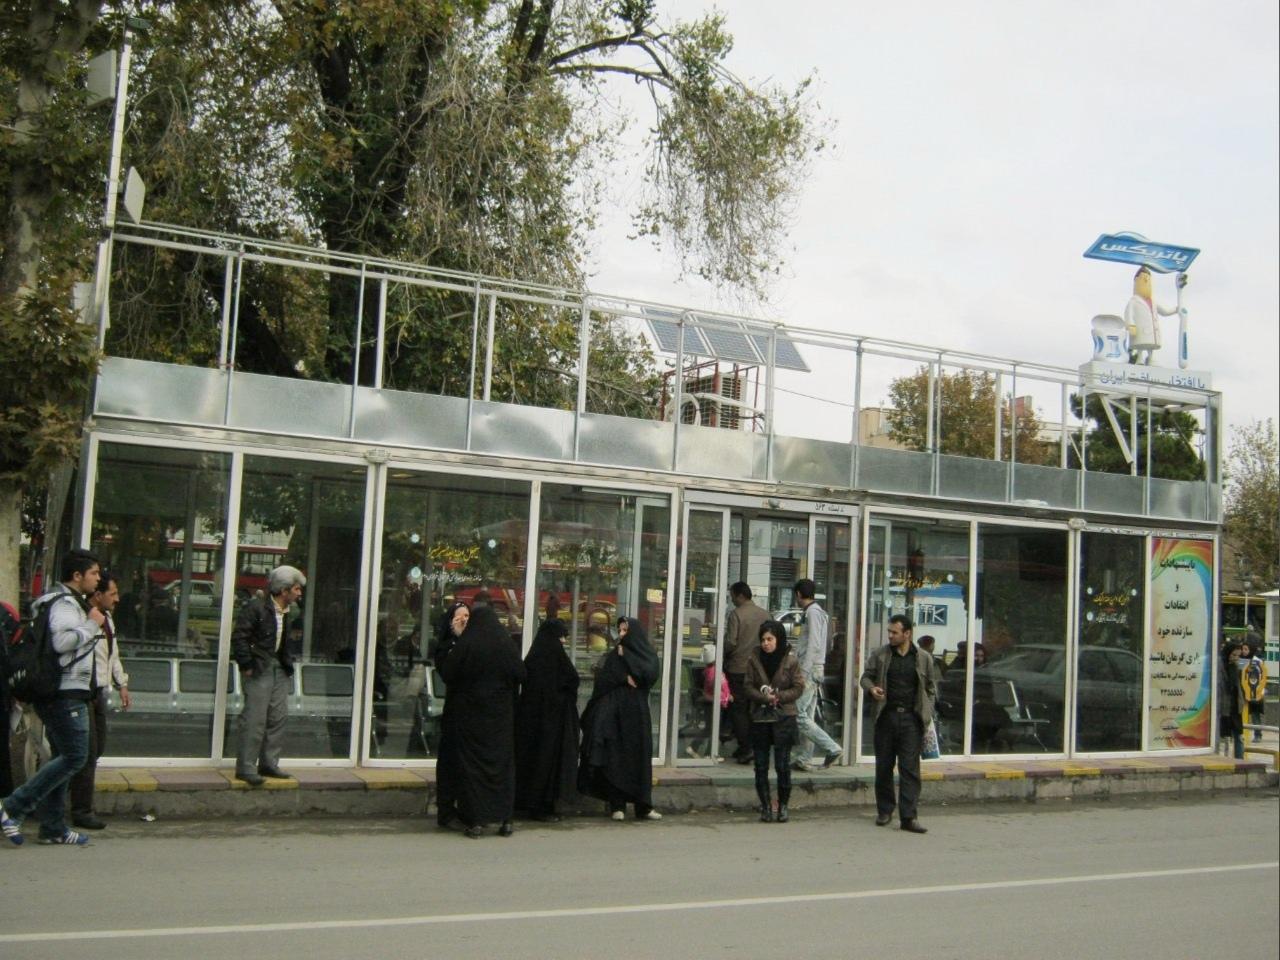 Иранские женщины в строгих чёрных одеждах контрастируют с девушкой в модном прикиде